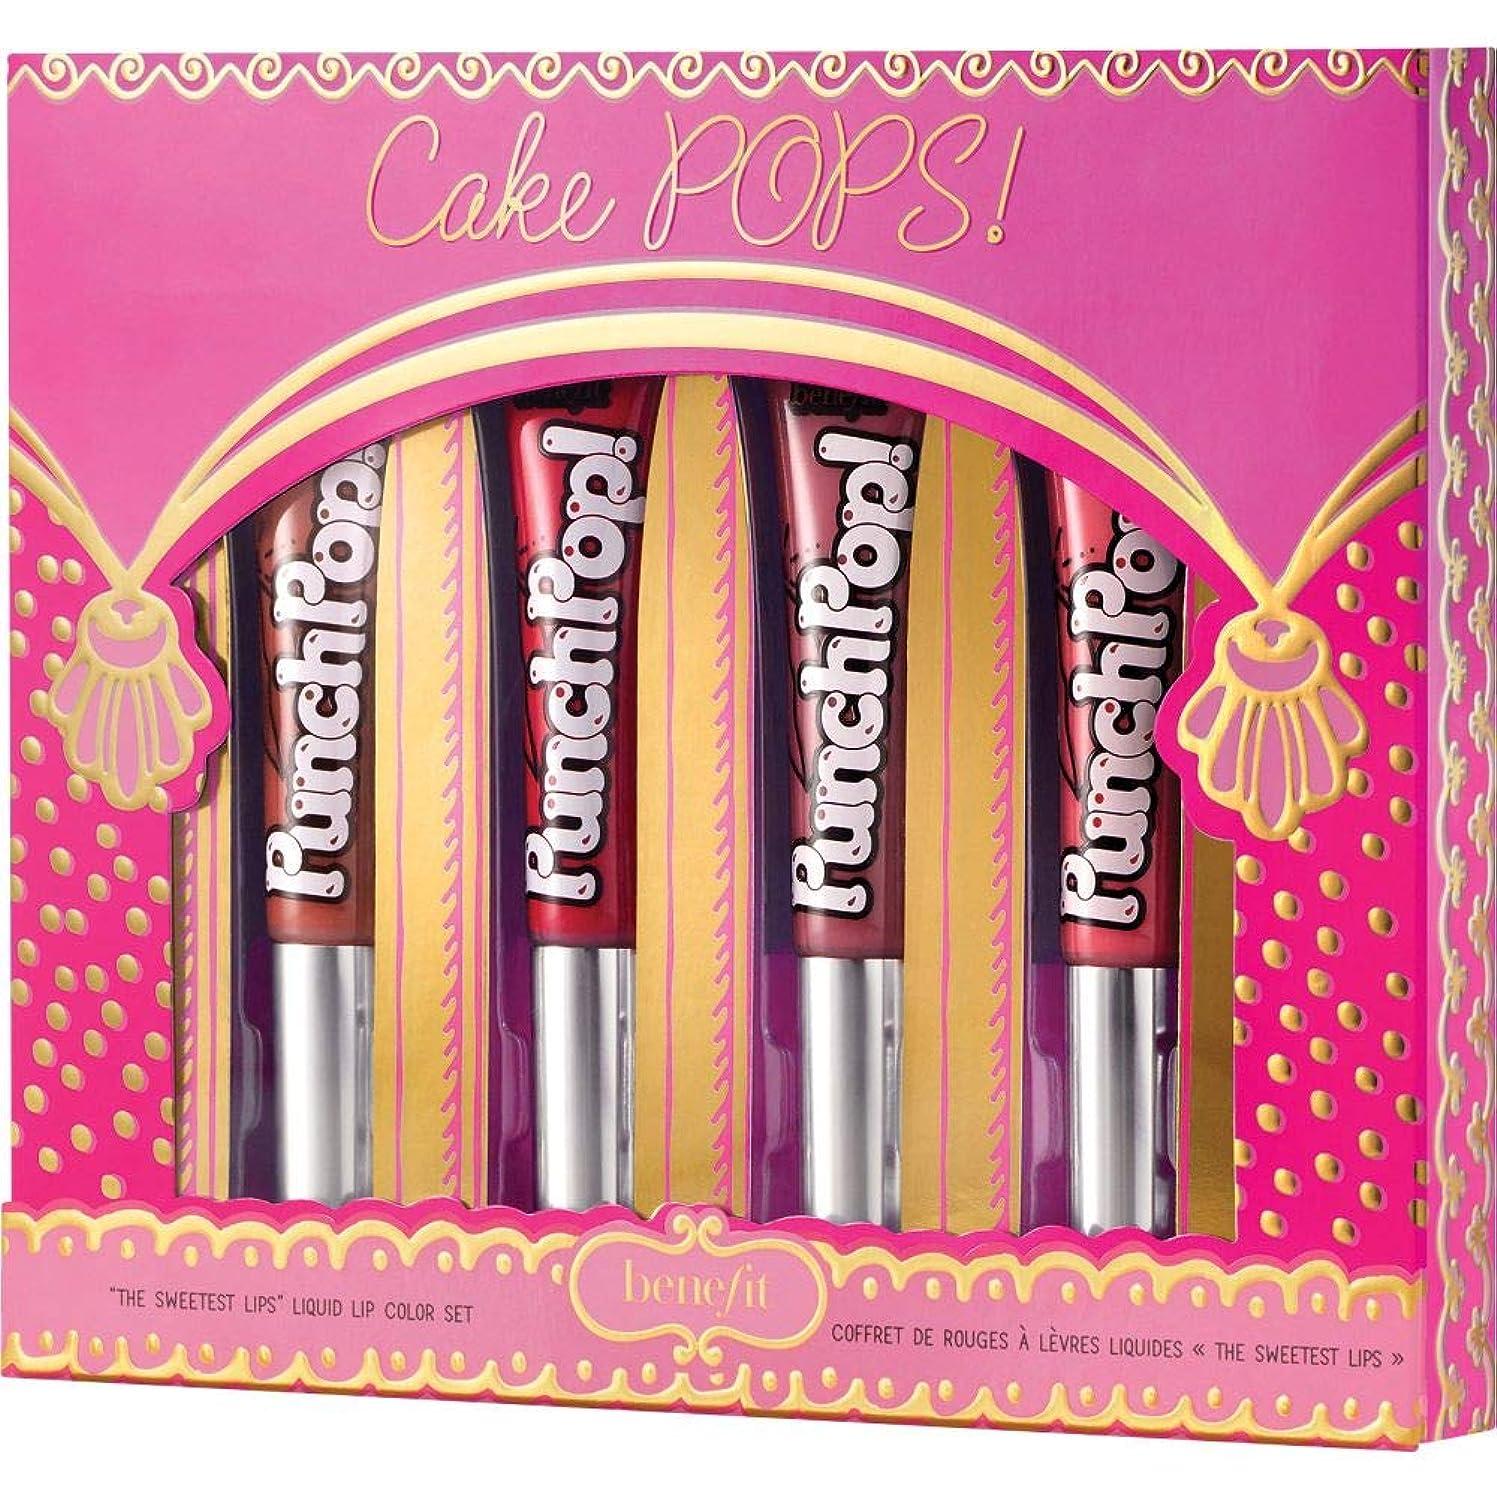 寛大さ格差クラシック[Benefit] ケーキポップに利益をもたらします!かわいい&ピンクパンチポップ!贈り物は4×7ミリリットルを設定しました - Benefit Cake POPS! Pretty & Pink Punch Pop! Gift Set 4 x 7ml [並行輸入品]